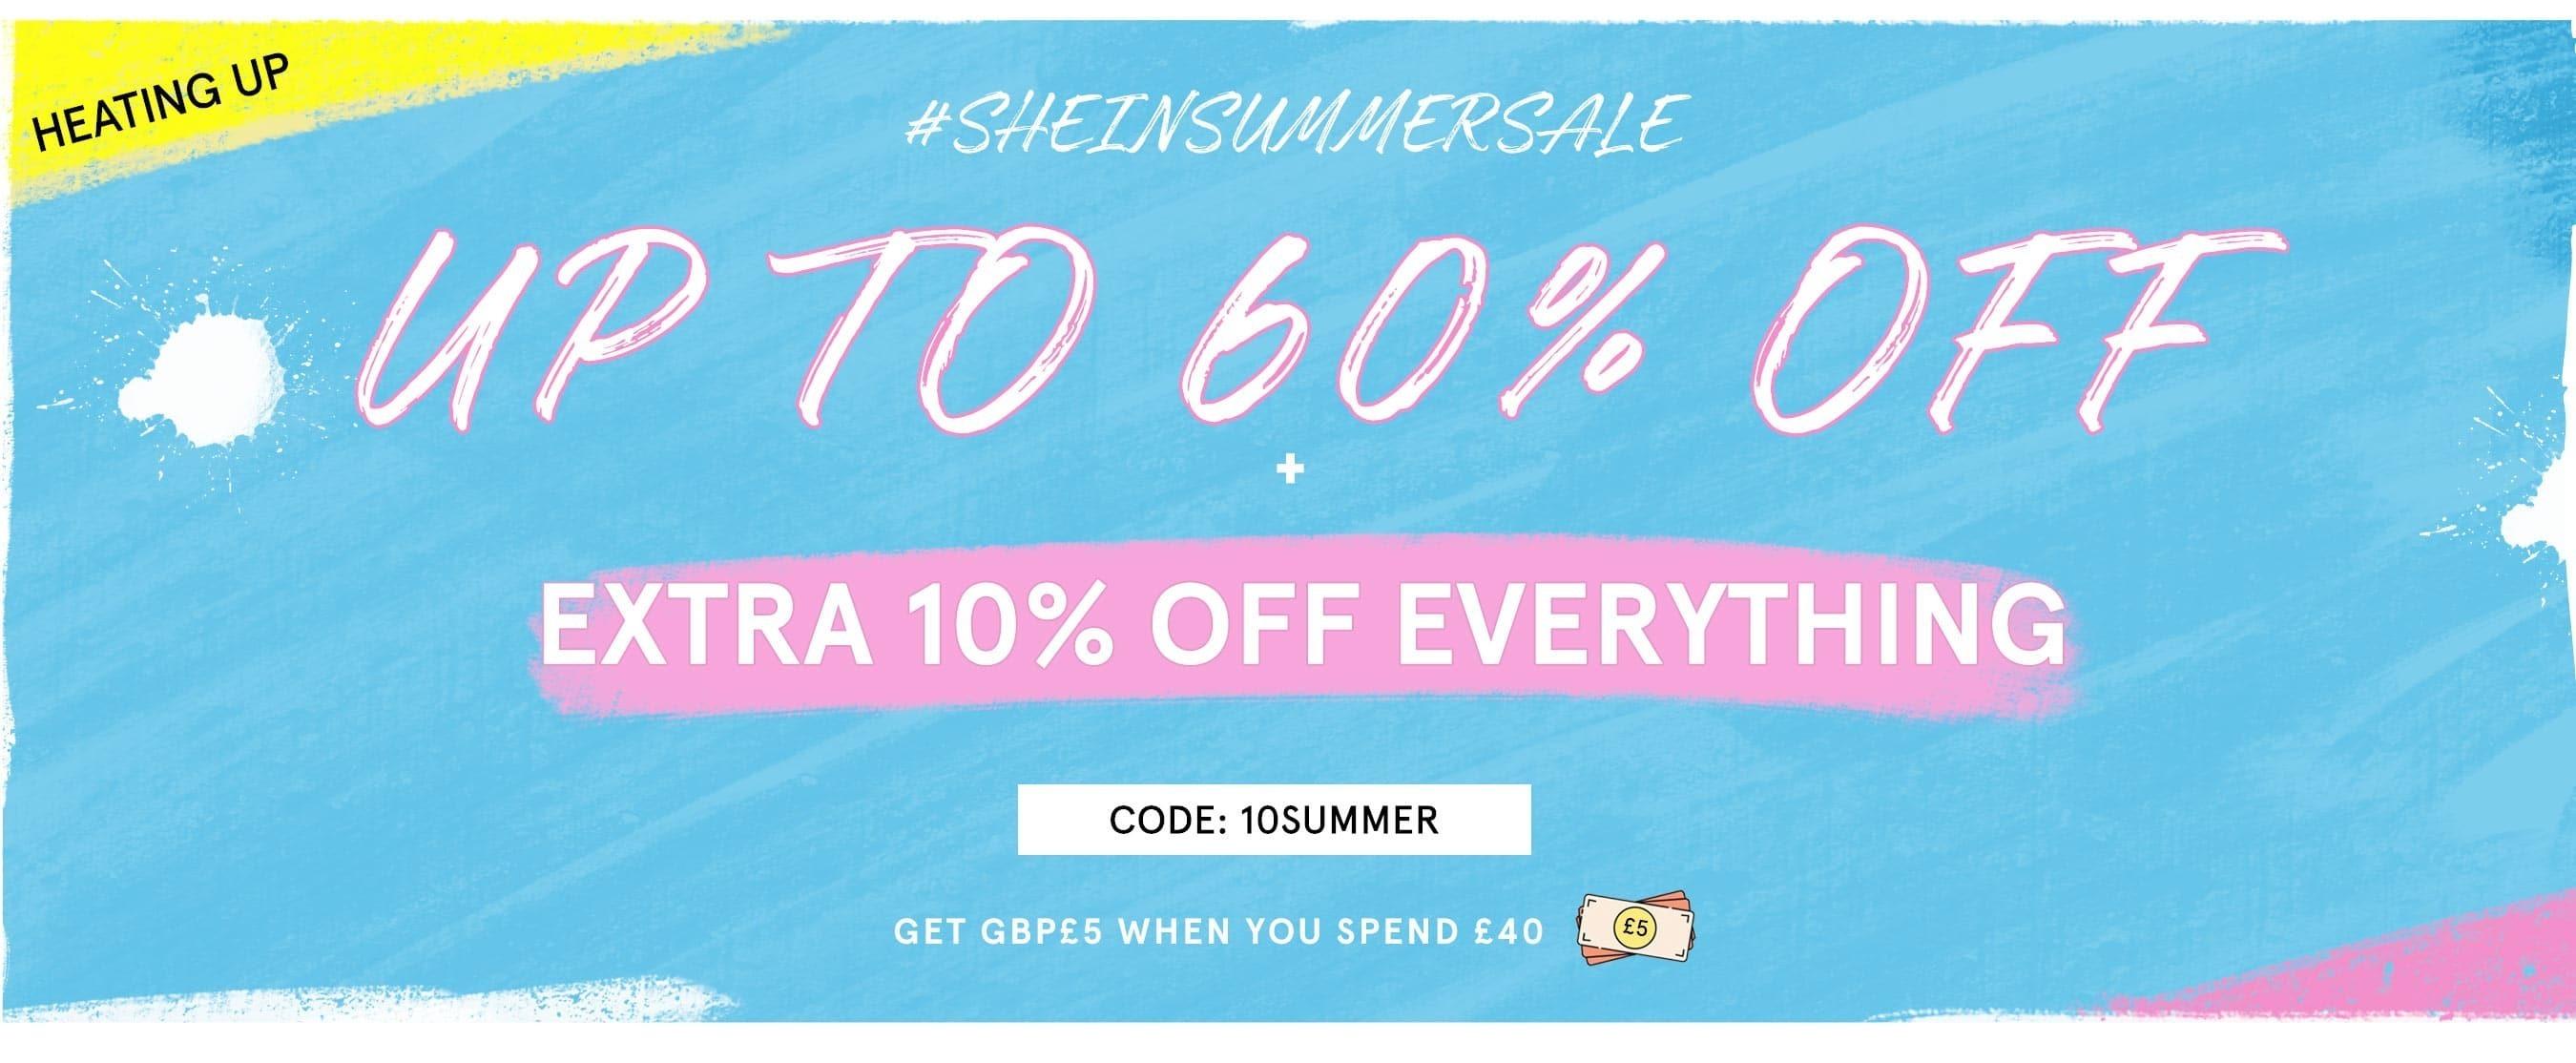 82d0dd9bbe3 Women's Clothing & Fashion, Shop Womenswear Clothing | SHEIN UK